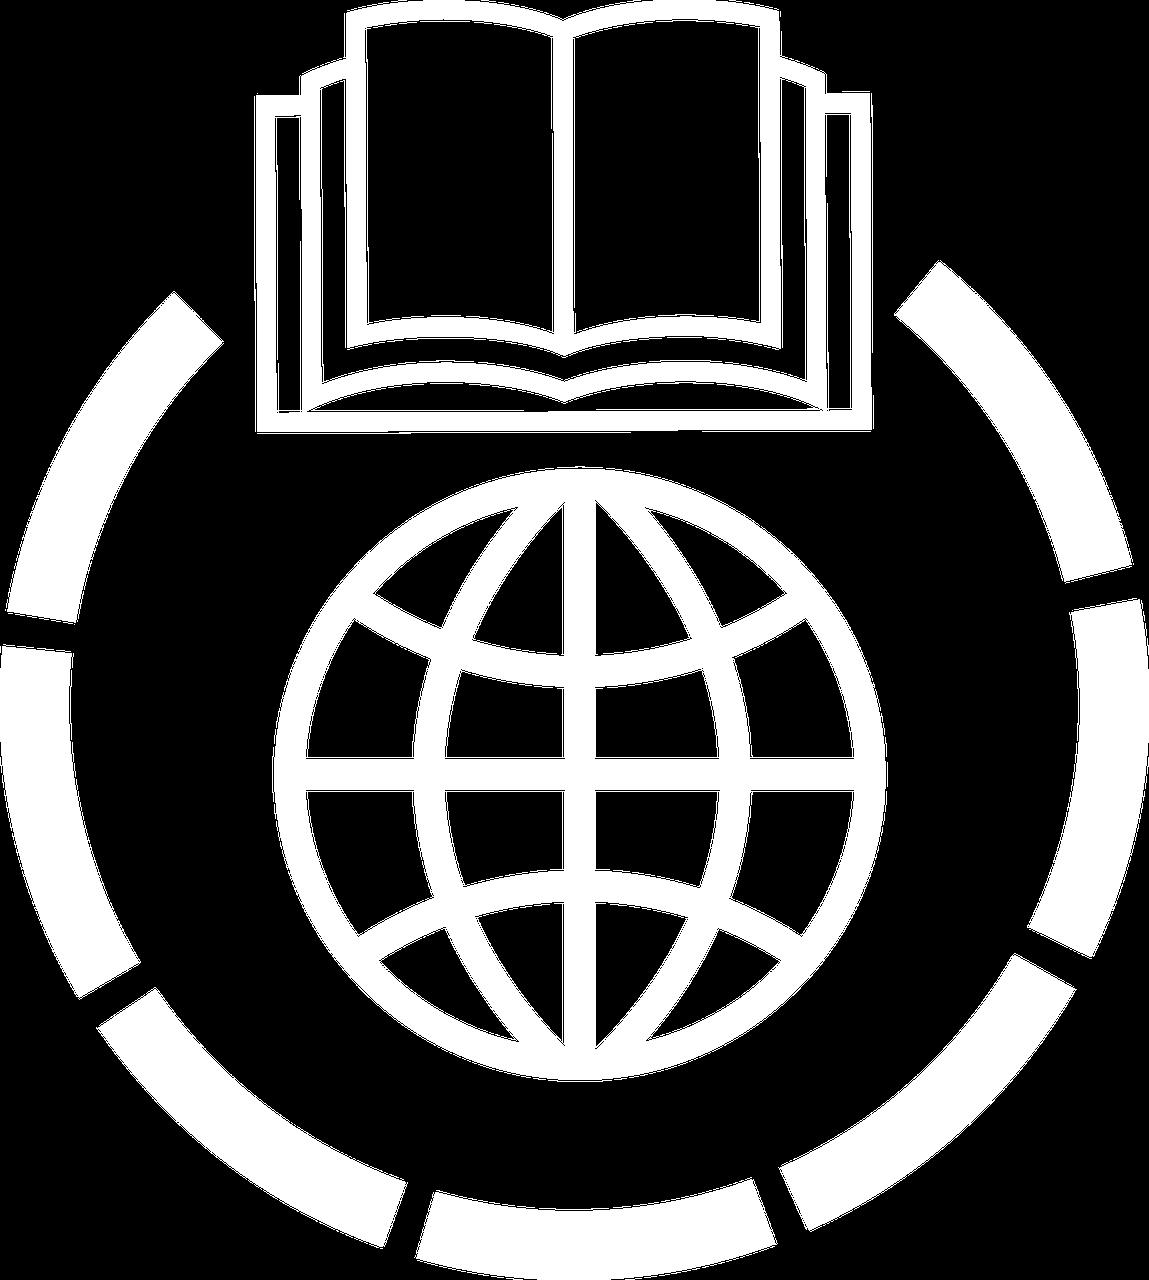 Свидетельство о регистрации СМИ № ФС77-79407 от 02.11.2020